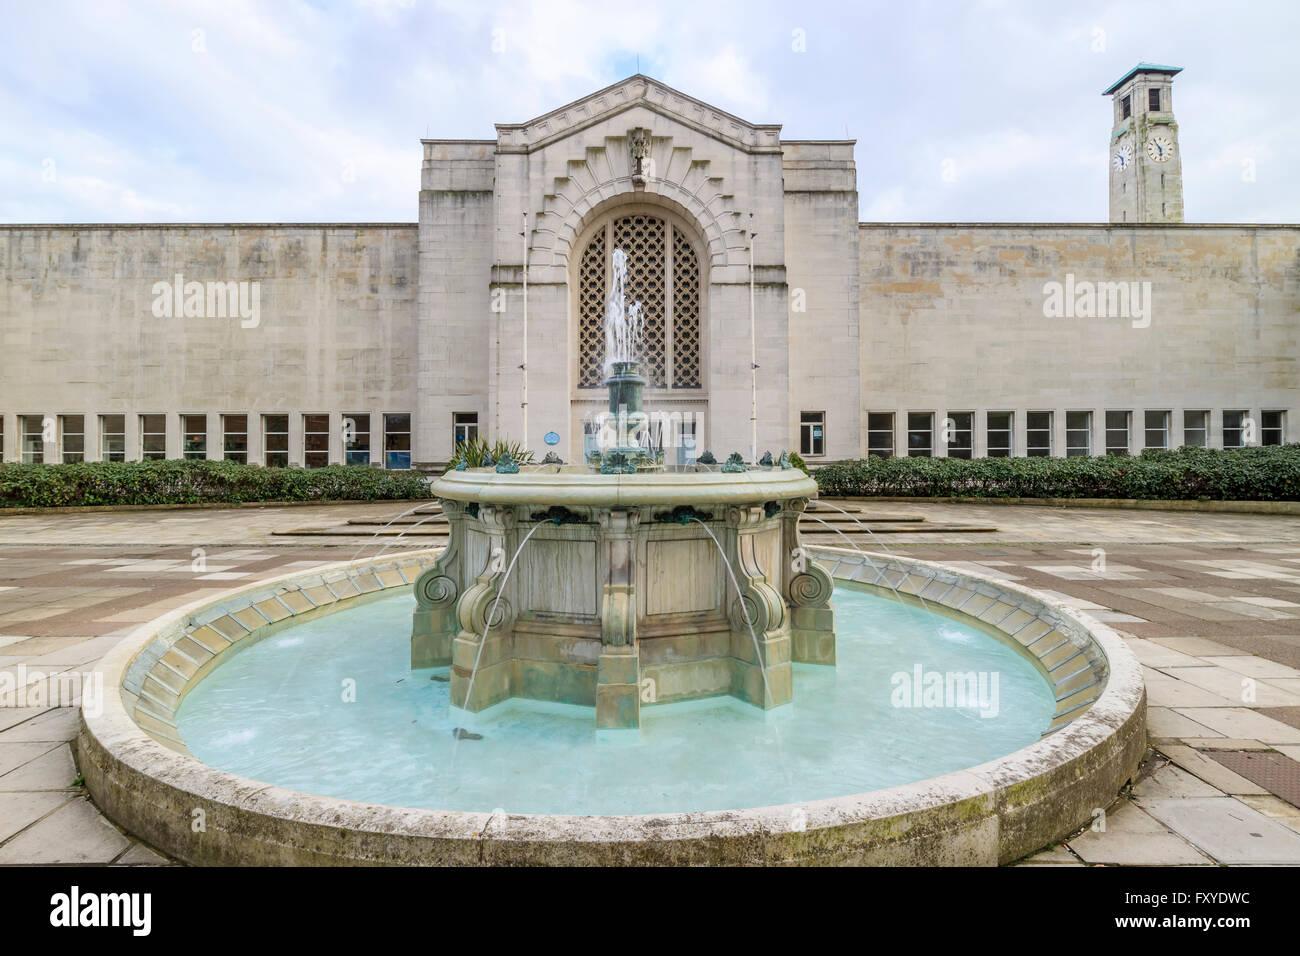 Beautiful Southampton City Art Gallery, United Kingdom - Stock Image